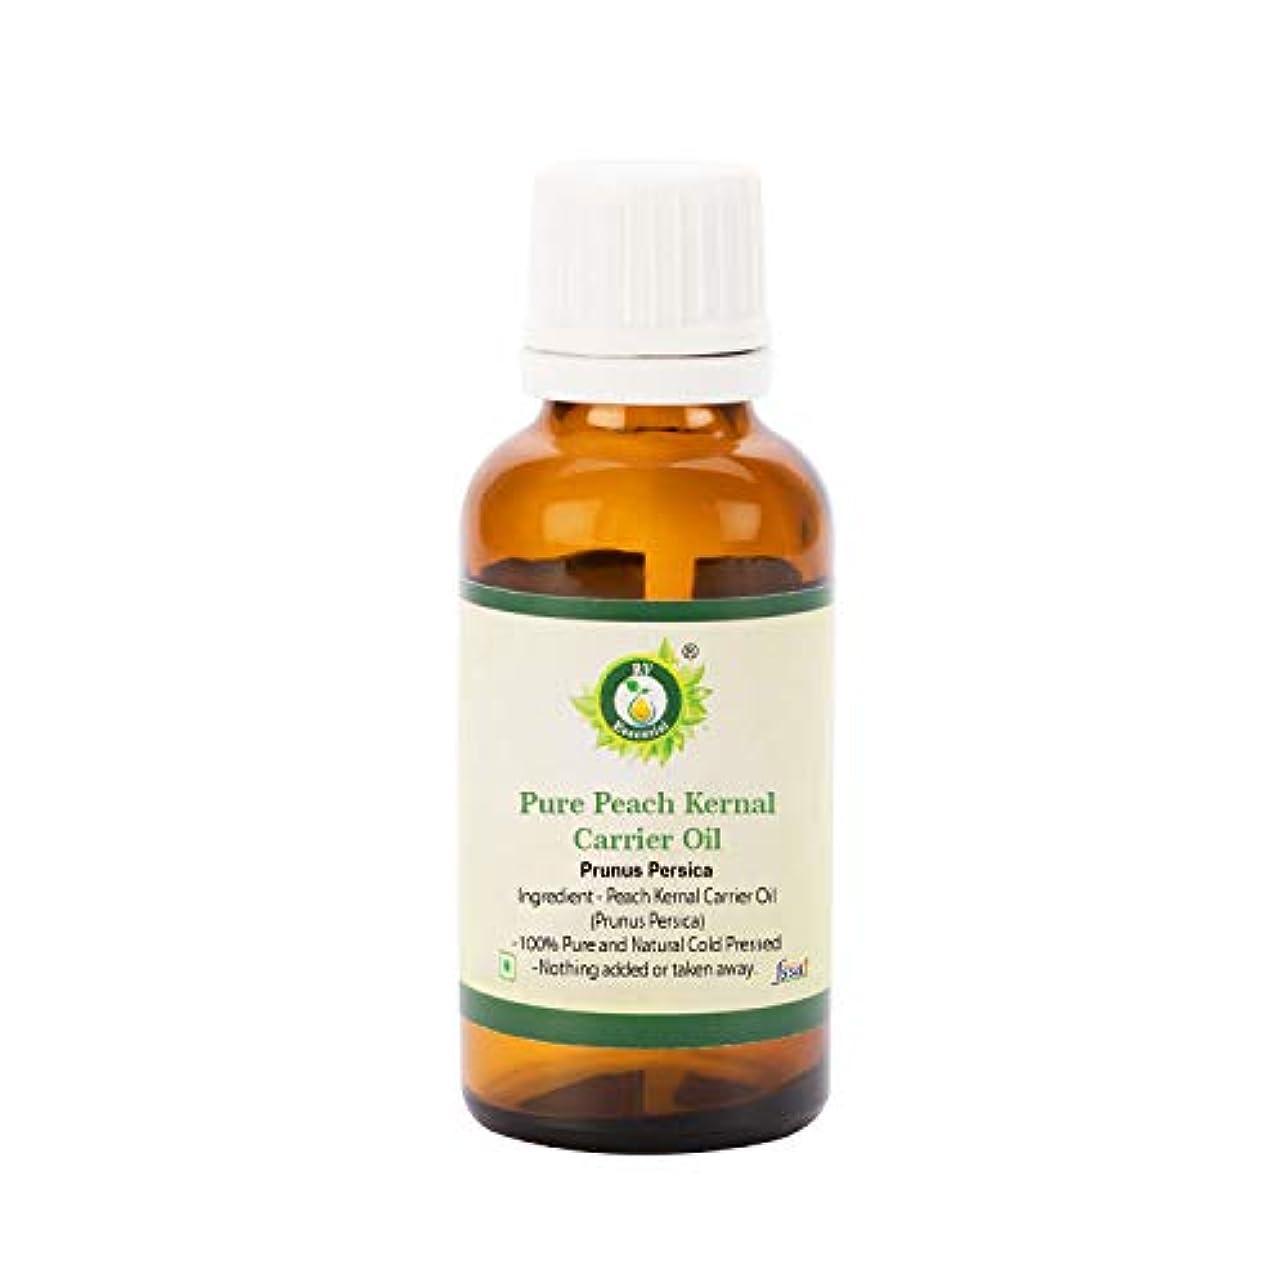 R V Essential ピュアピーチ Kernalキャリアオイル15ml (0.507oz)- Prunus Persica (100%ピュア&ナチュラルコールドPressed) Pure Peach Kernal...